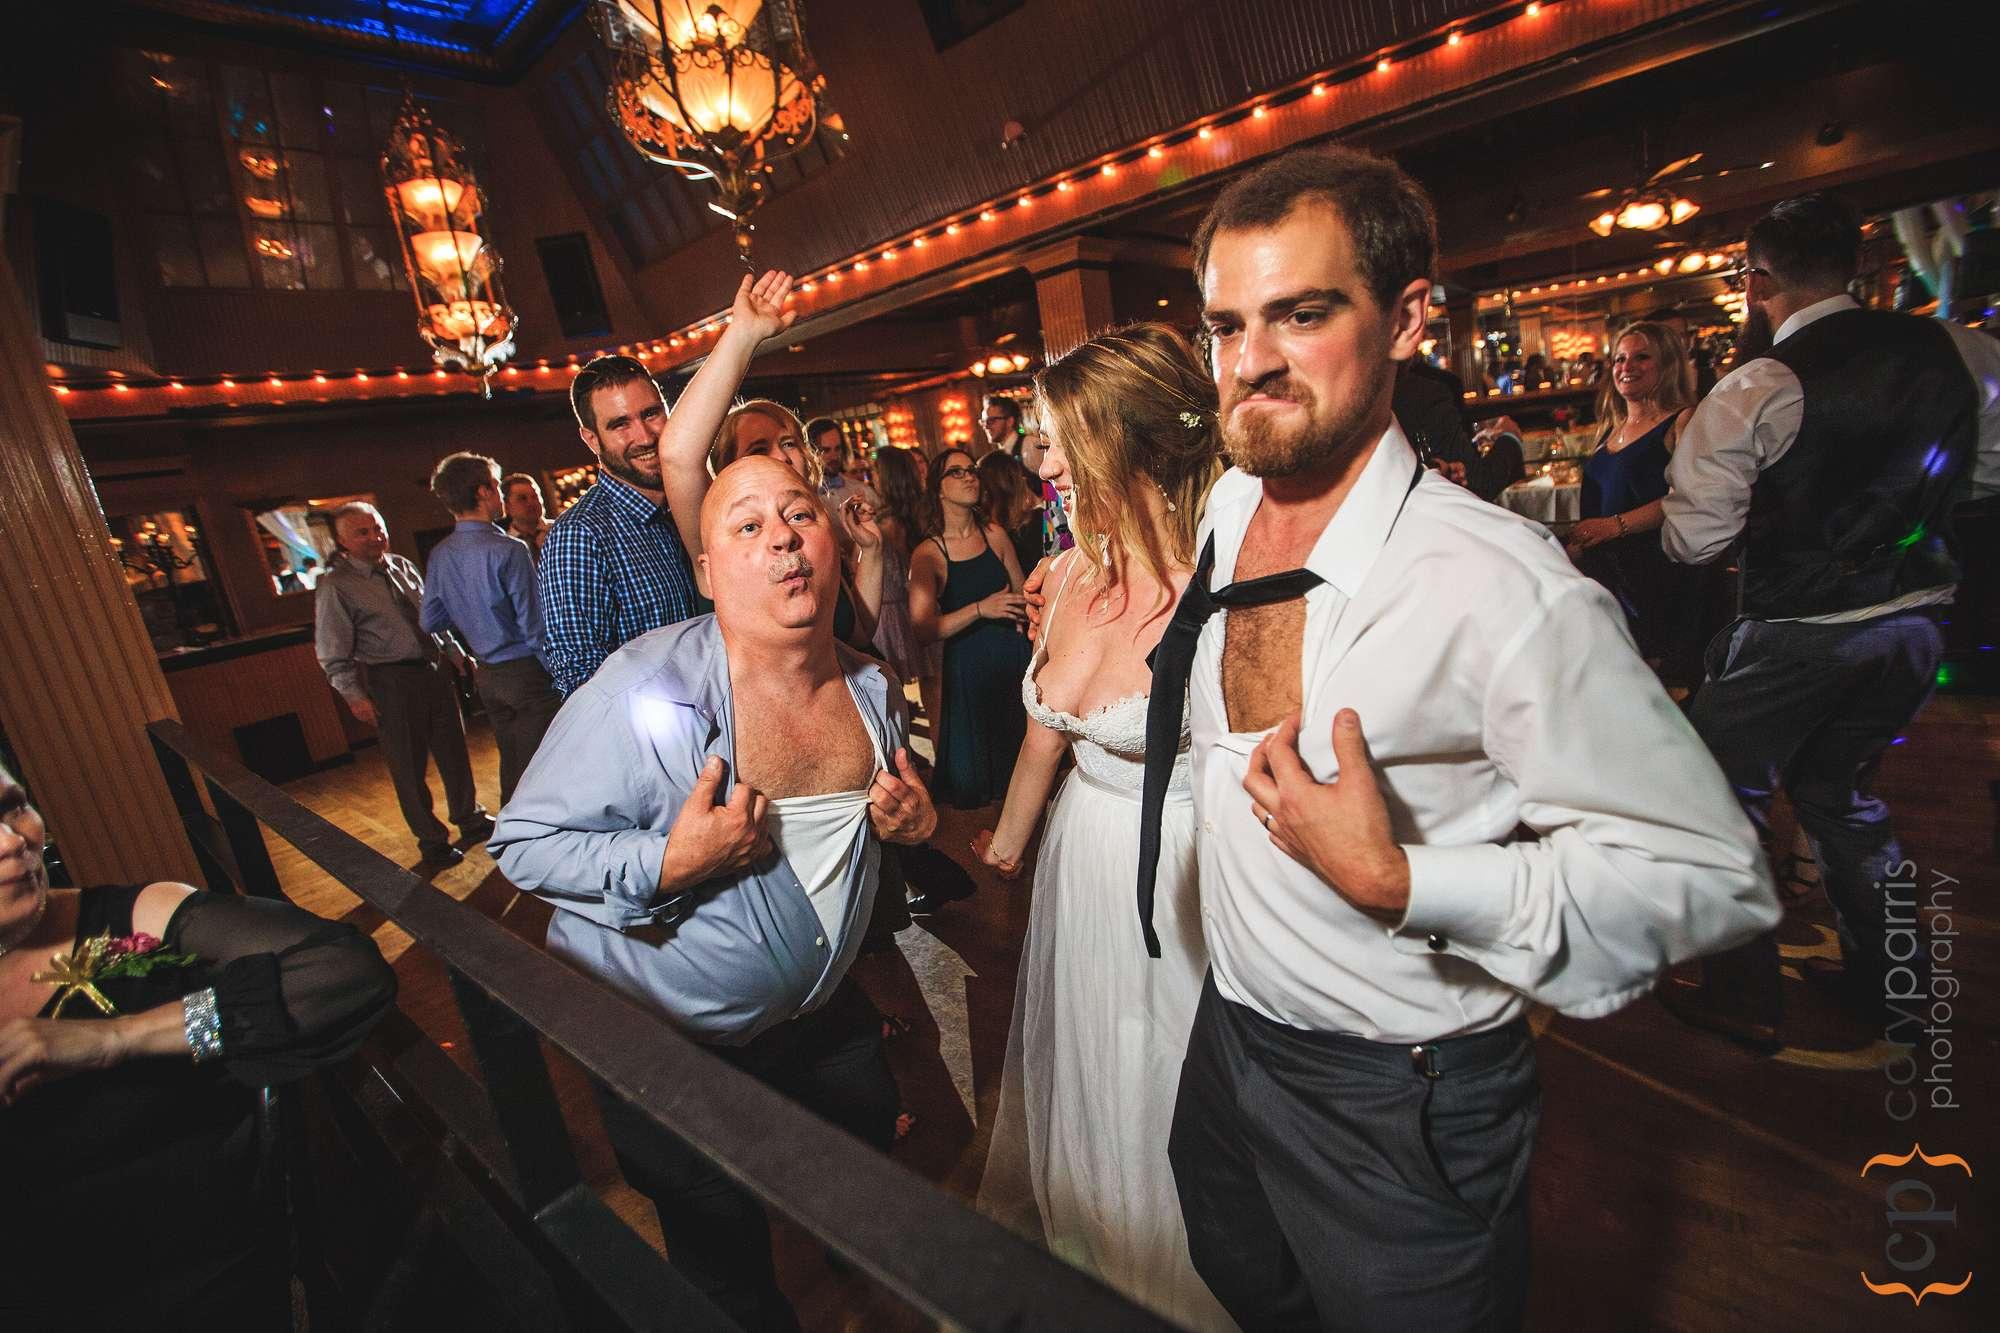 lake union cafe wedding reception seattle